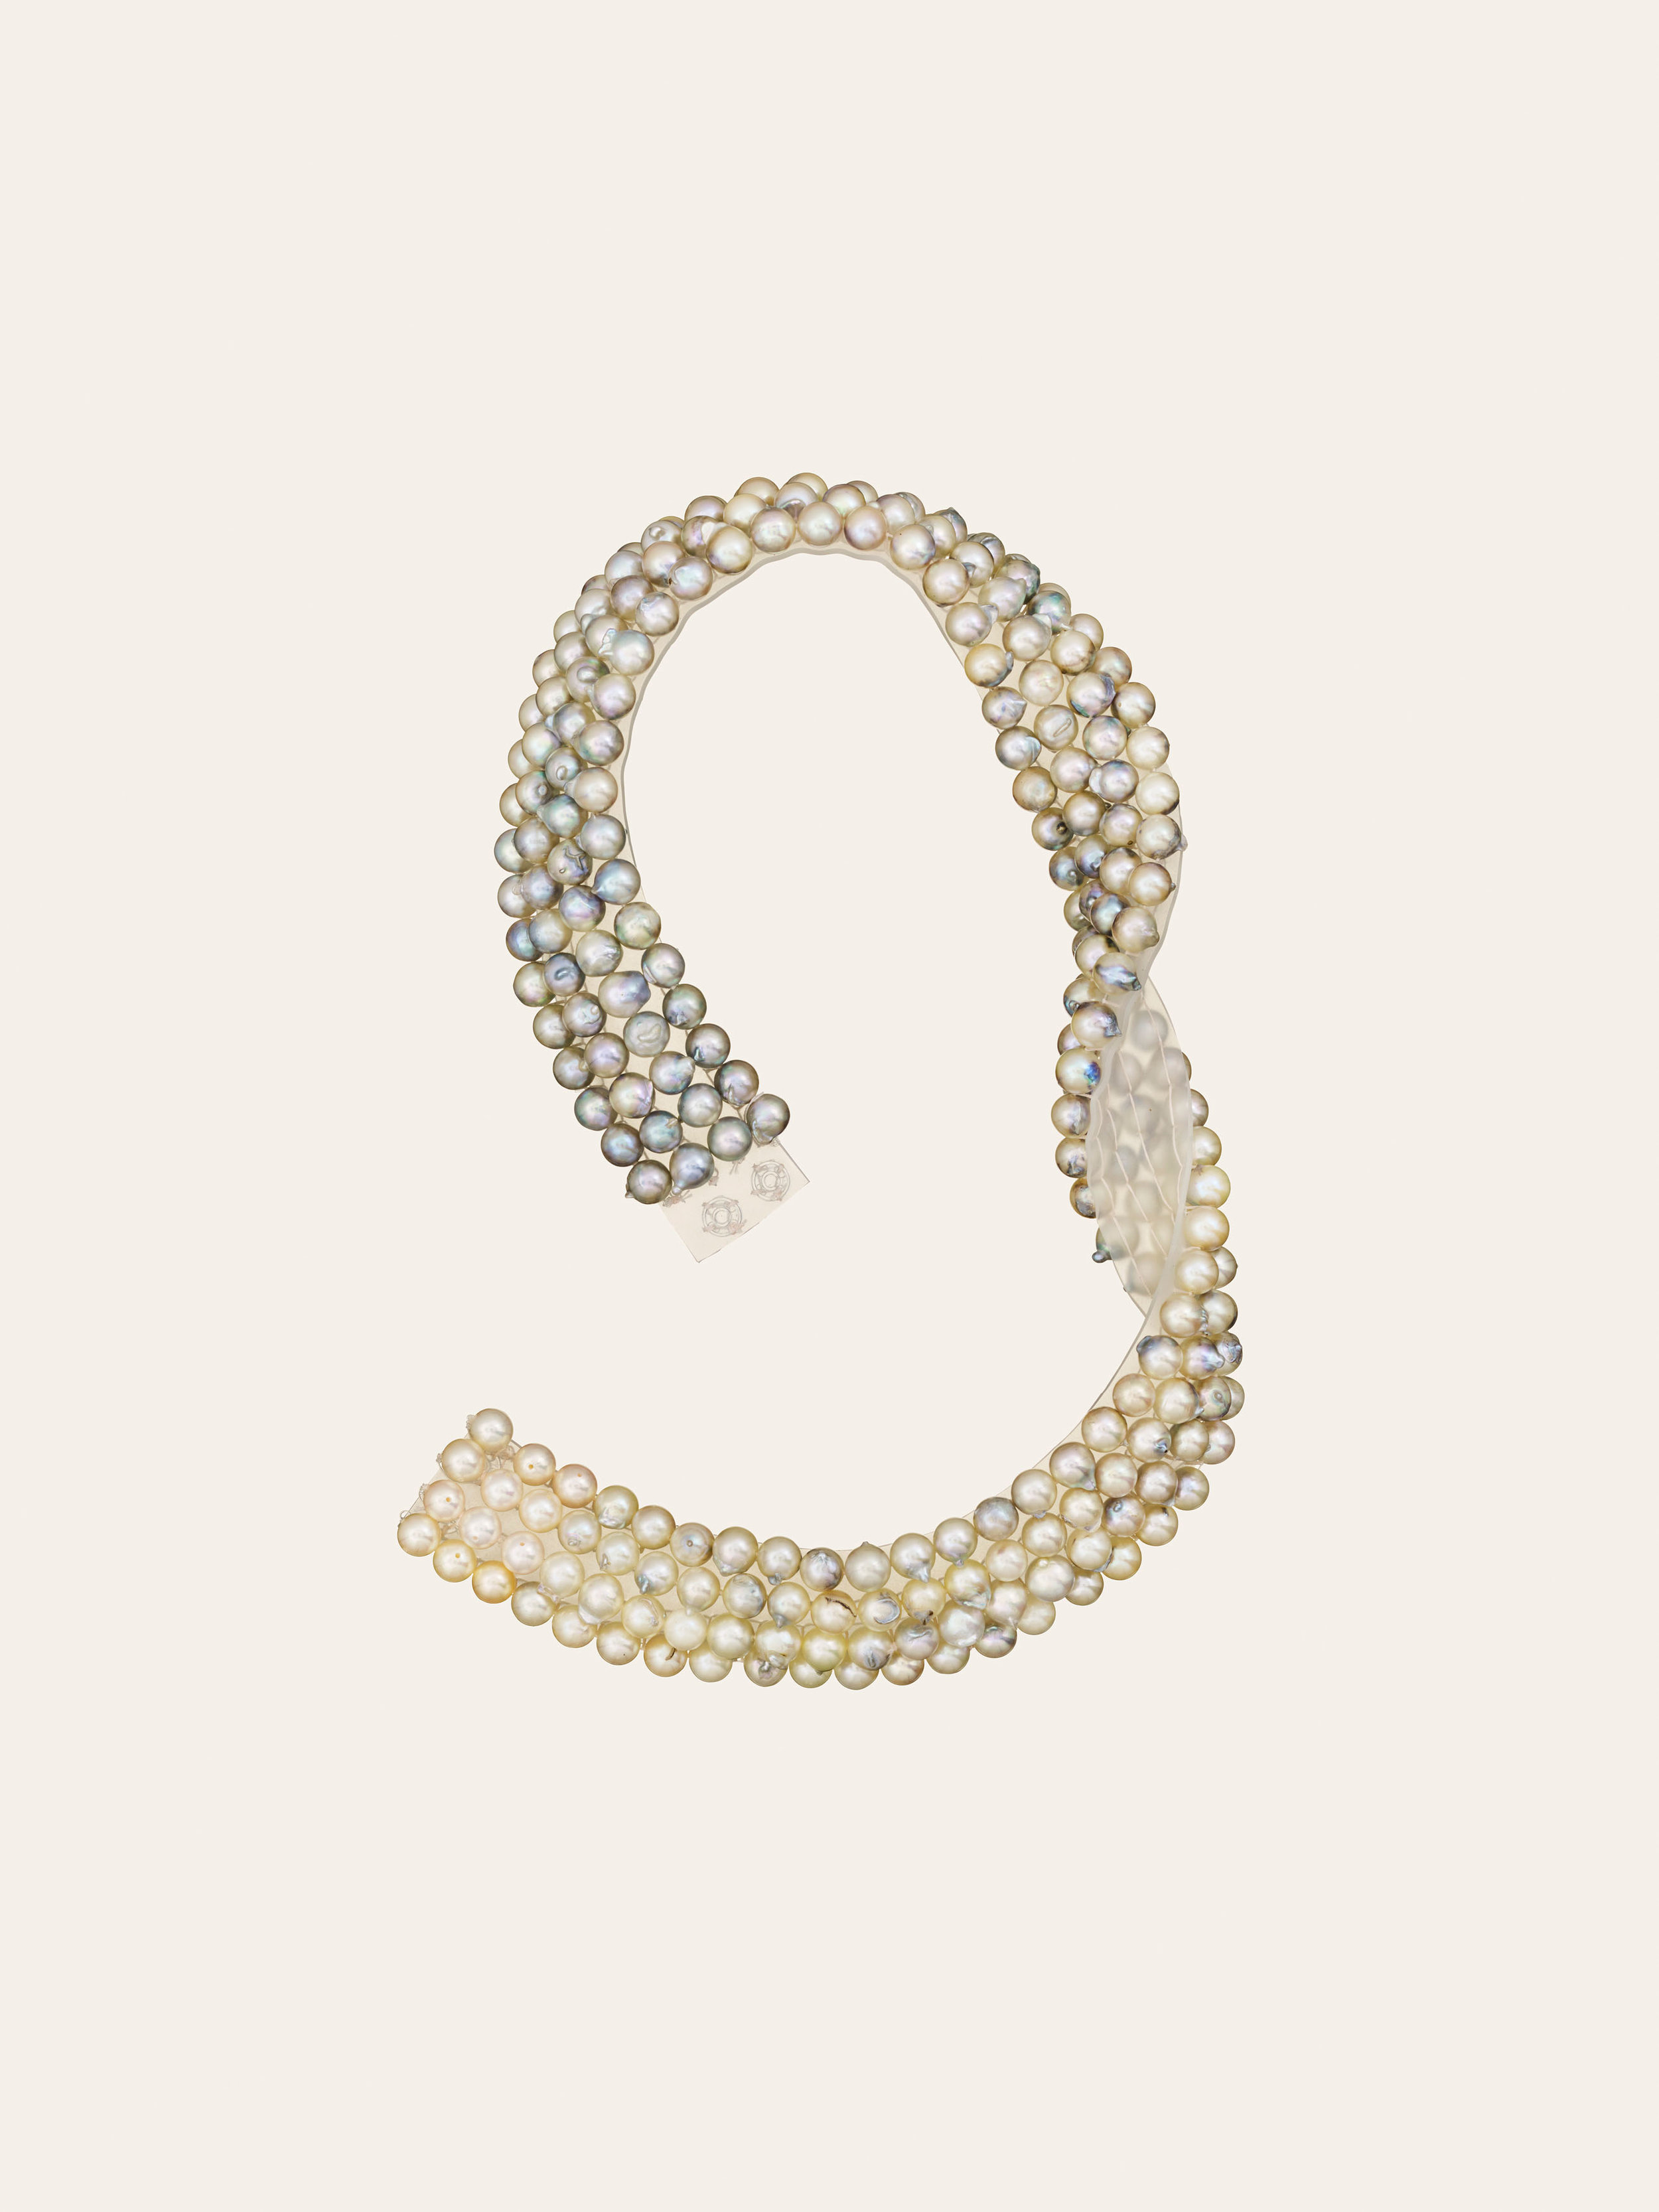 823 Pearls_62723-1.jpg